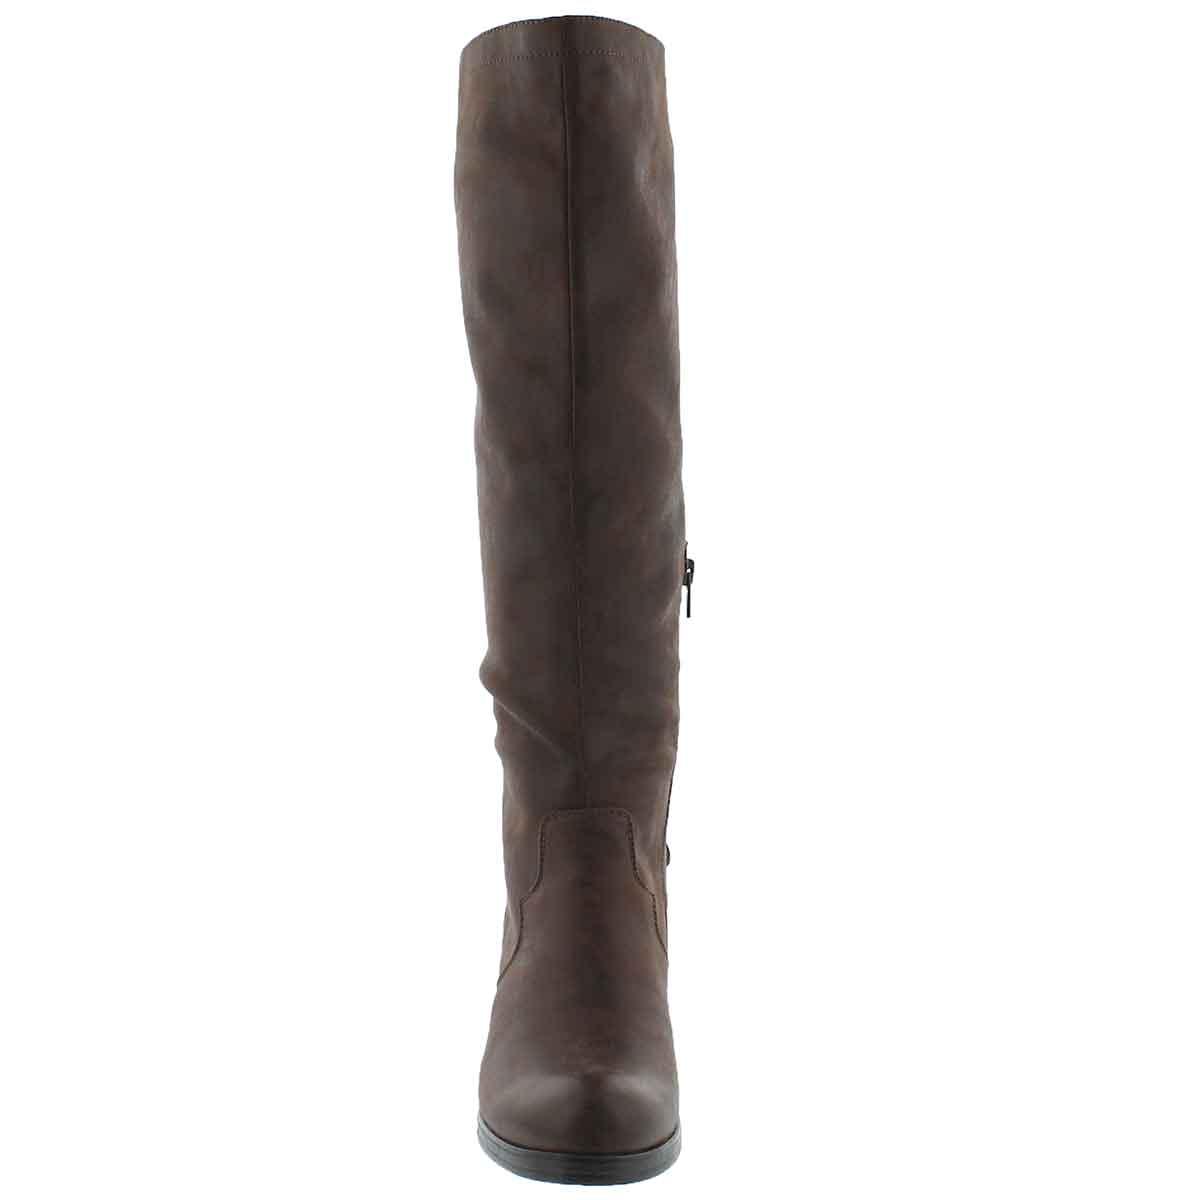 Lds Brette brown knee high dress boot